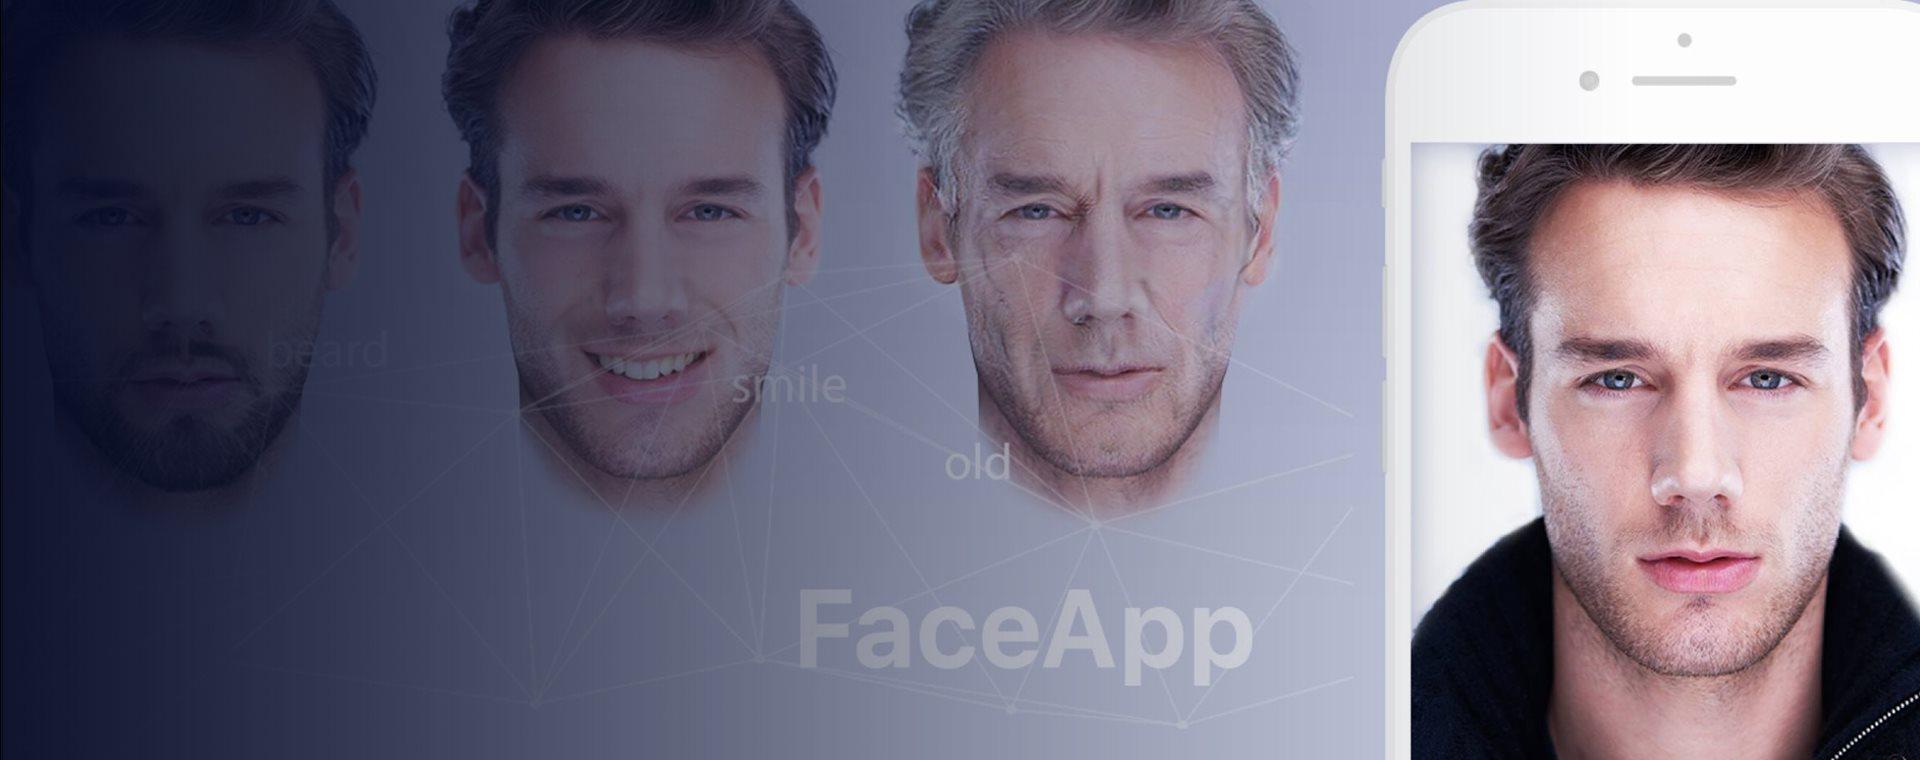 faceapp_main01